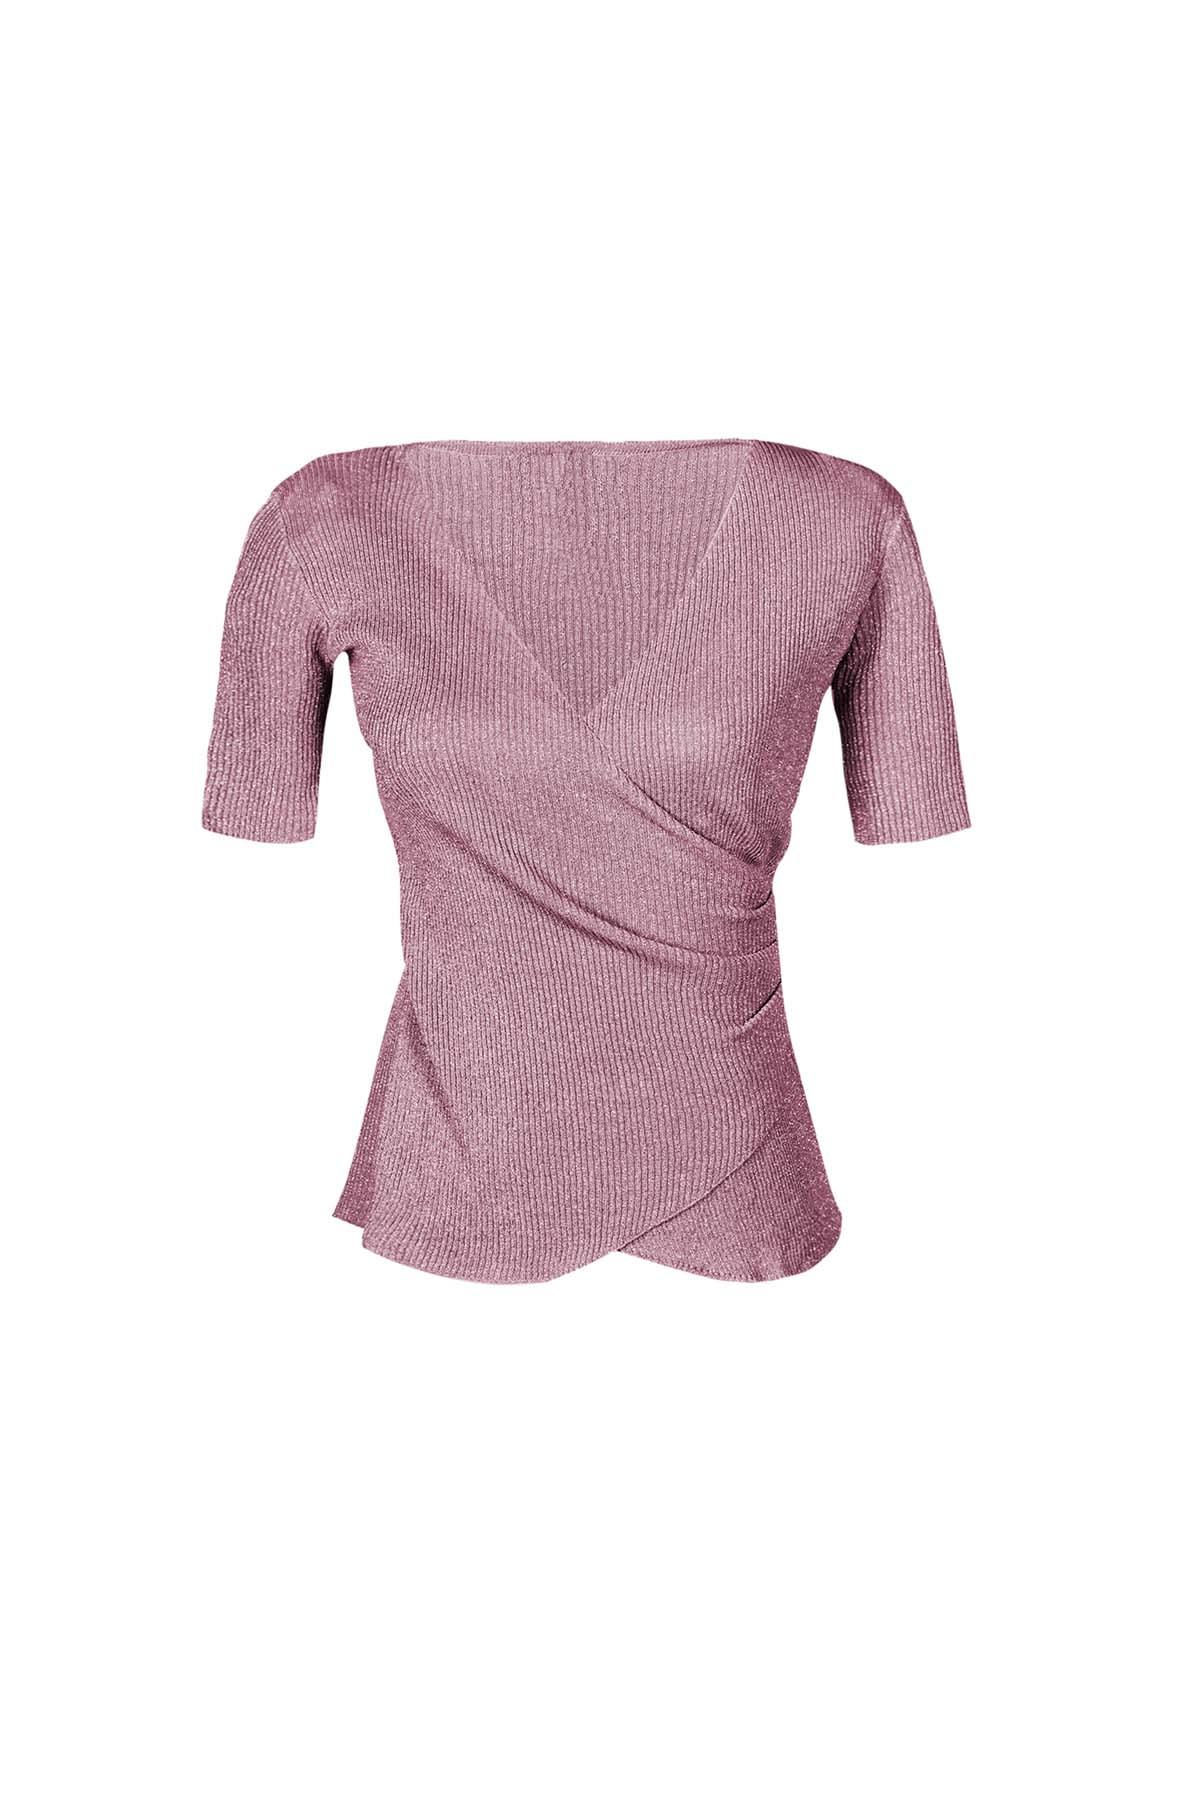 Teria Yabar - Jersey de canalé rosa